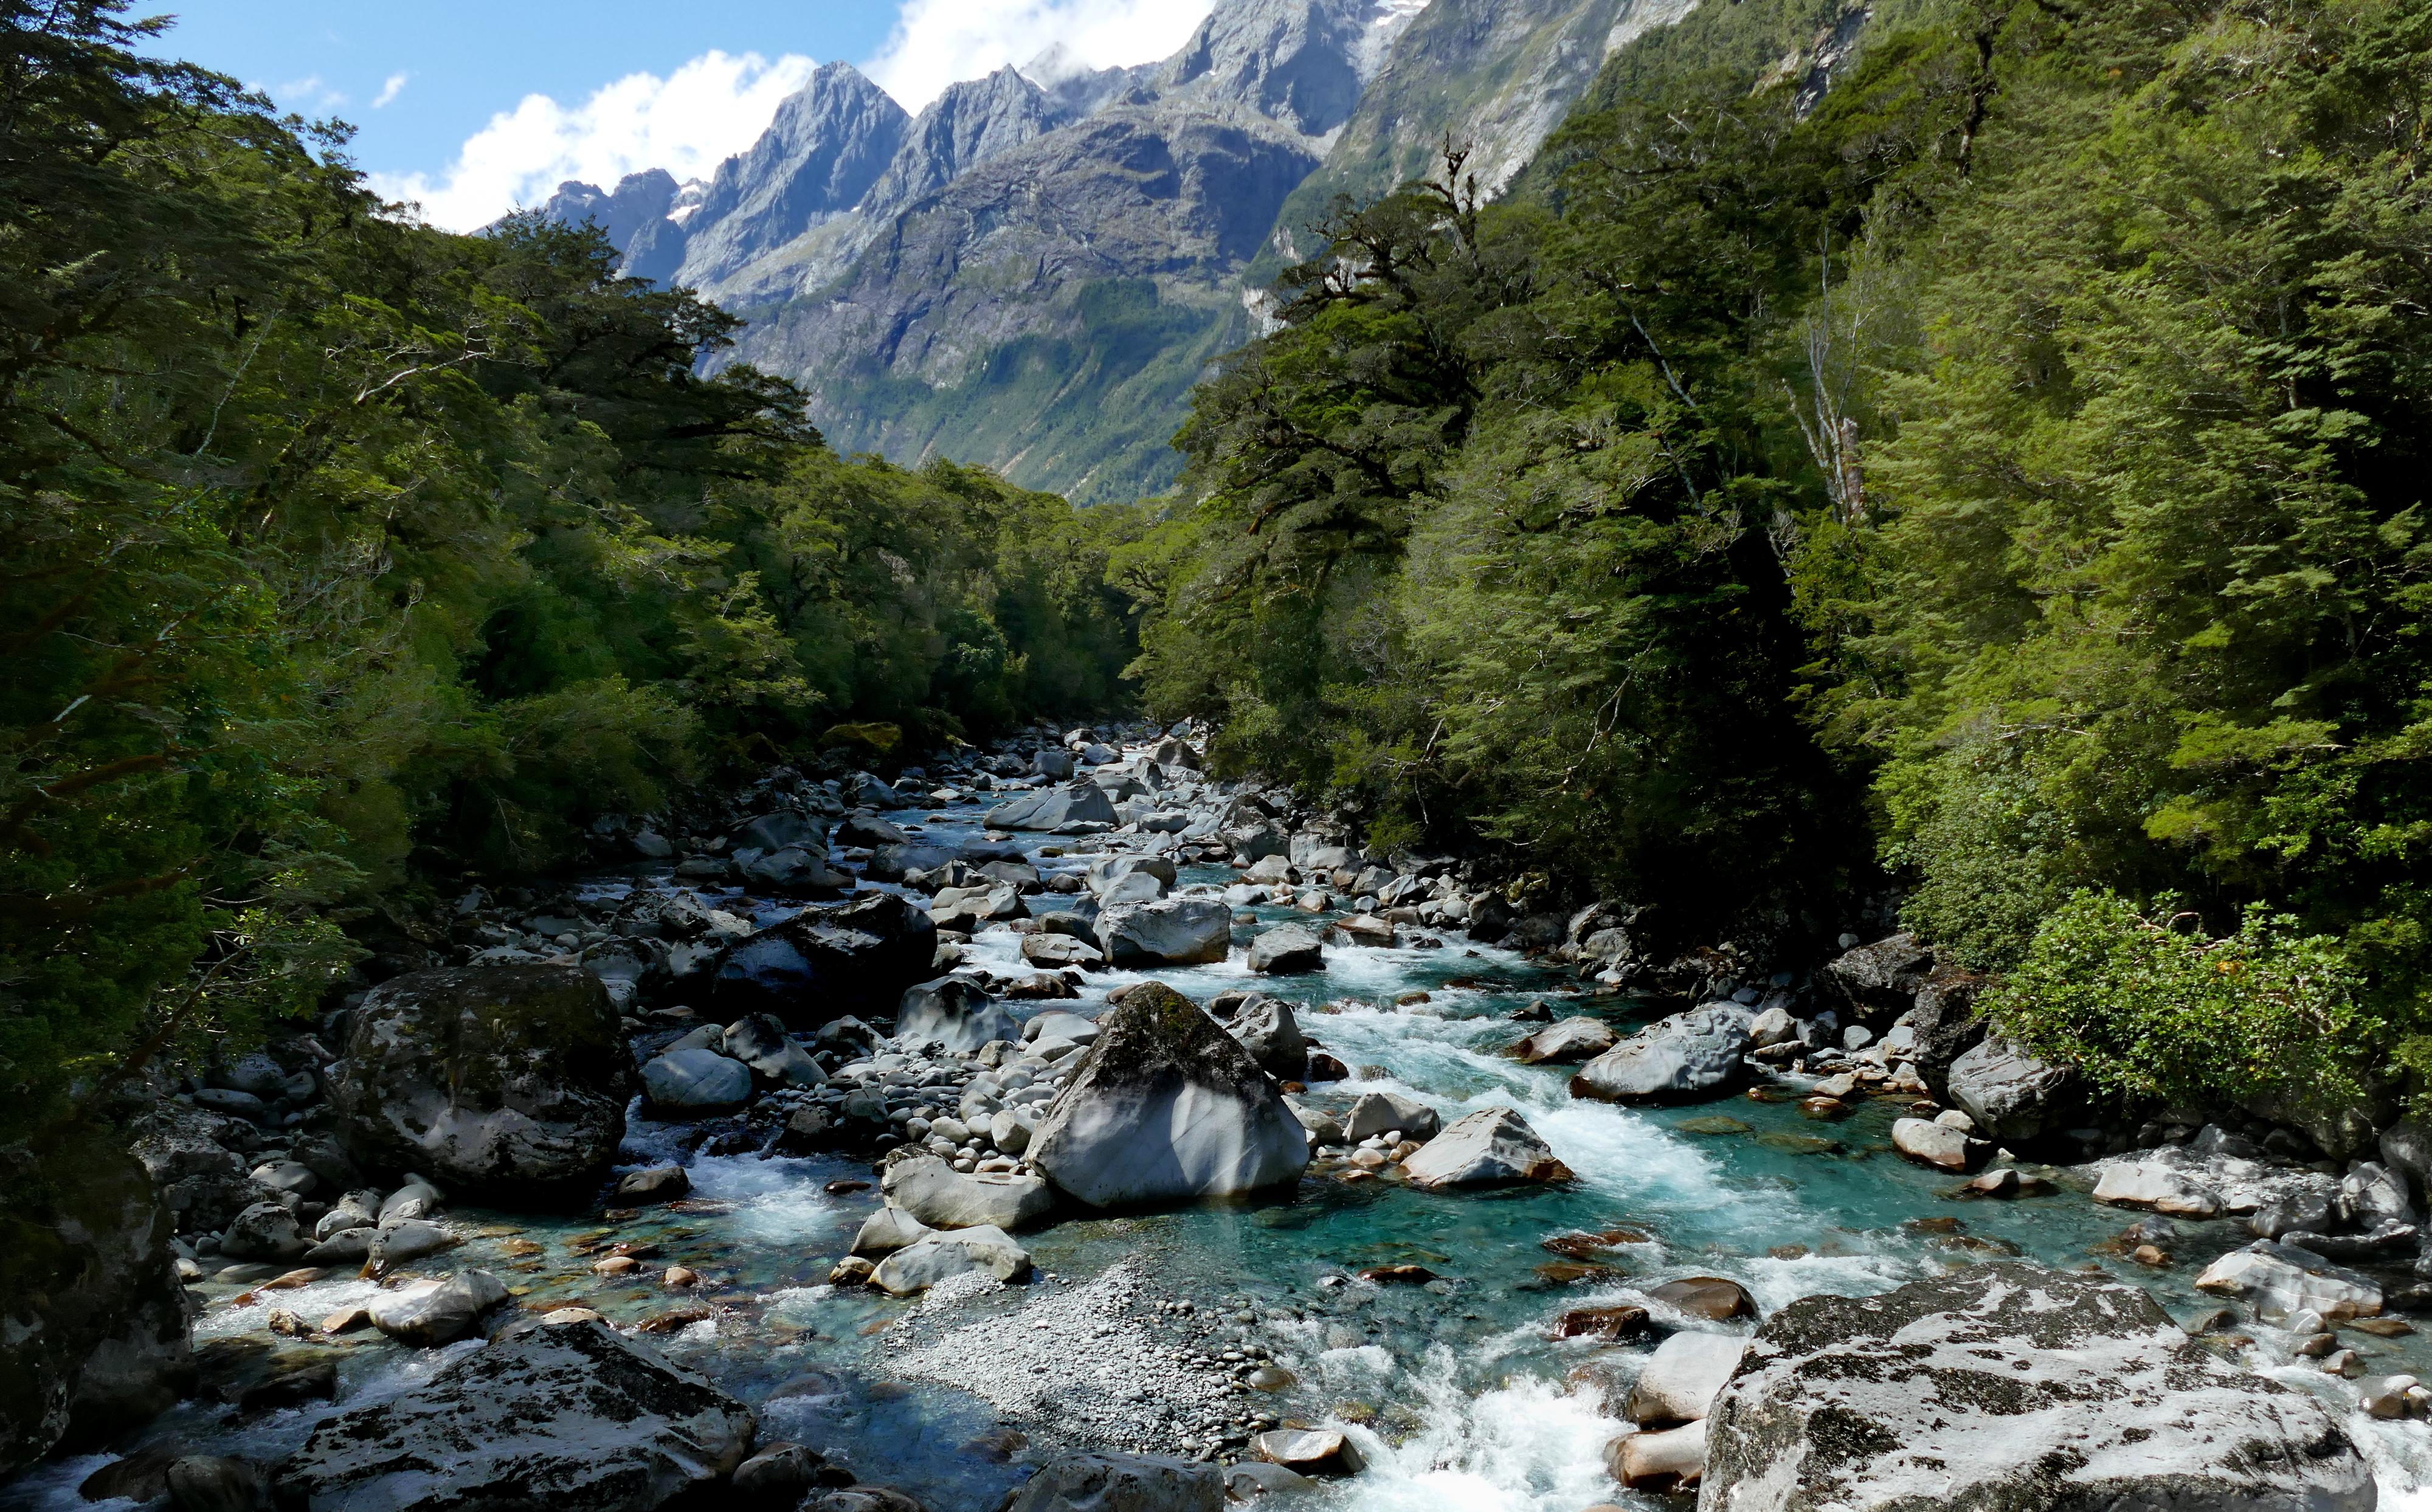 Tutuko river fiordland national park nz photo